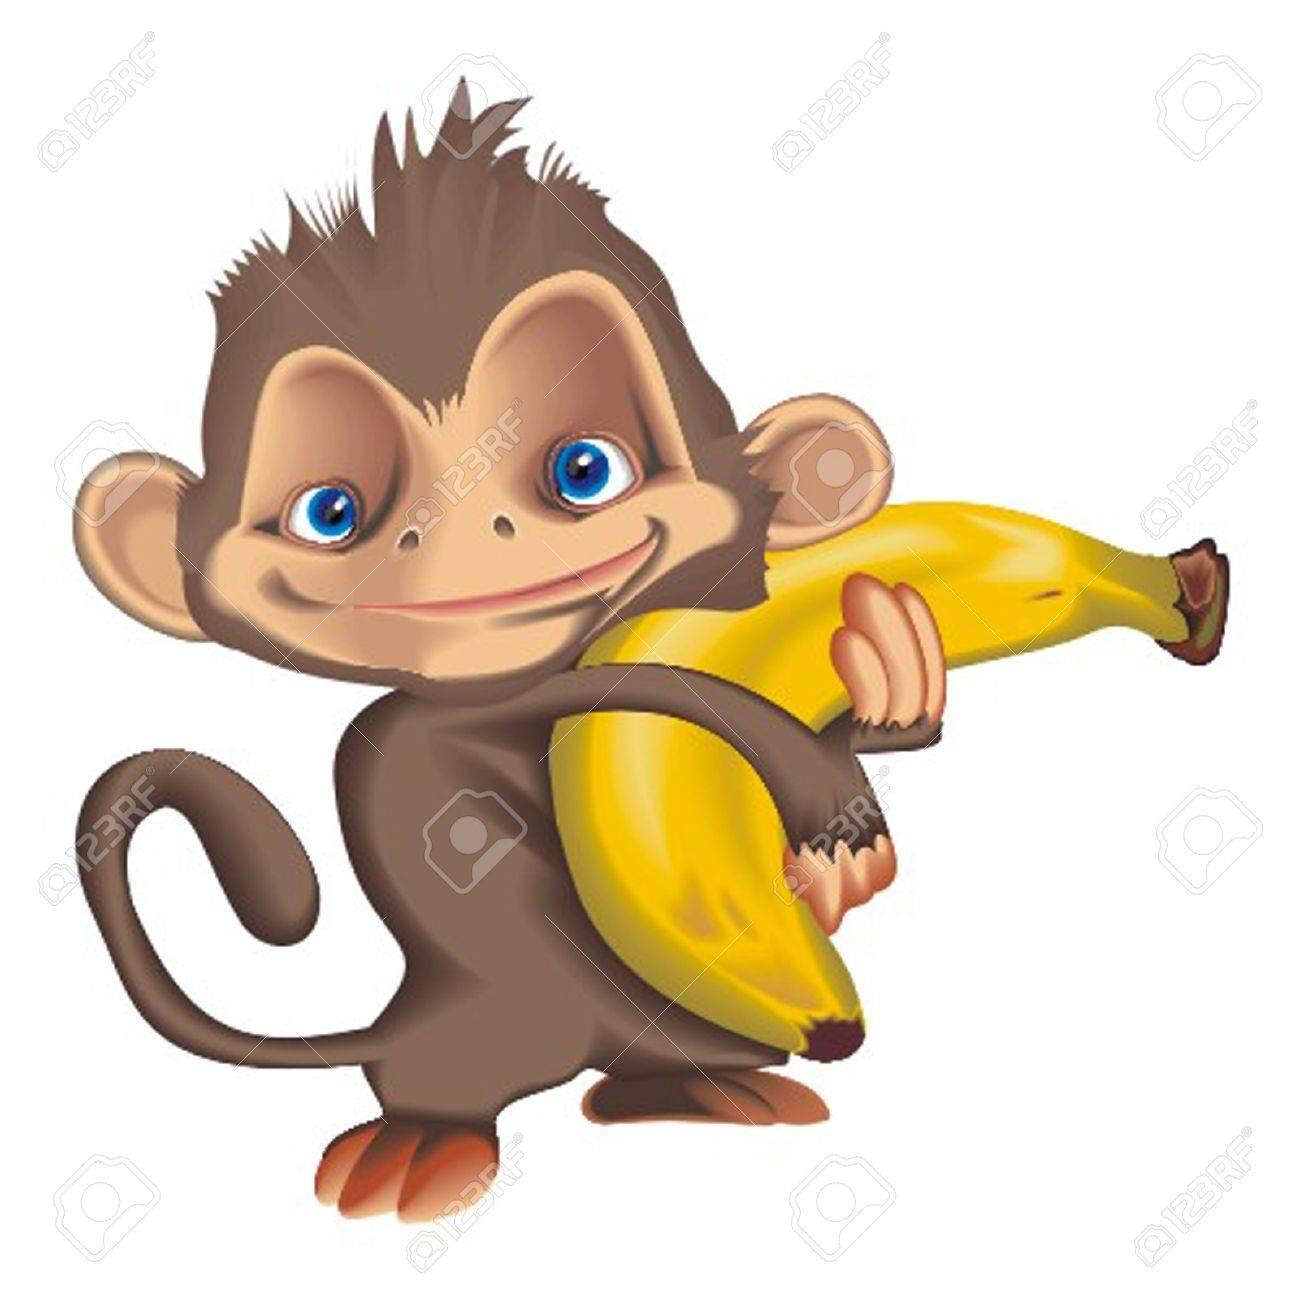 monkey - 13324872